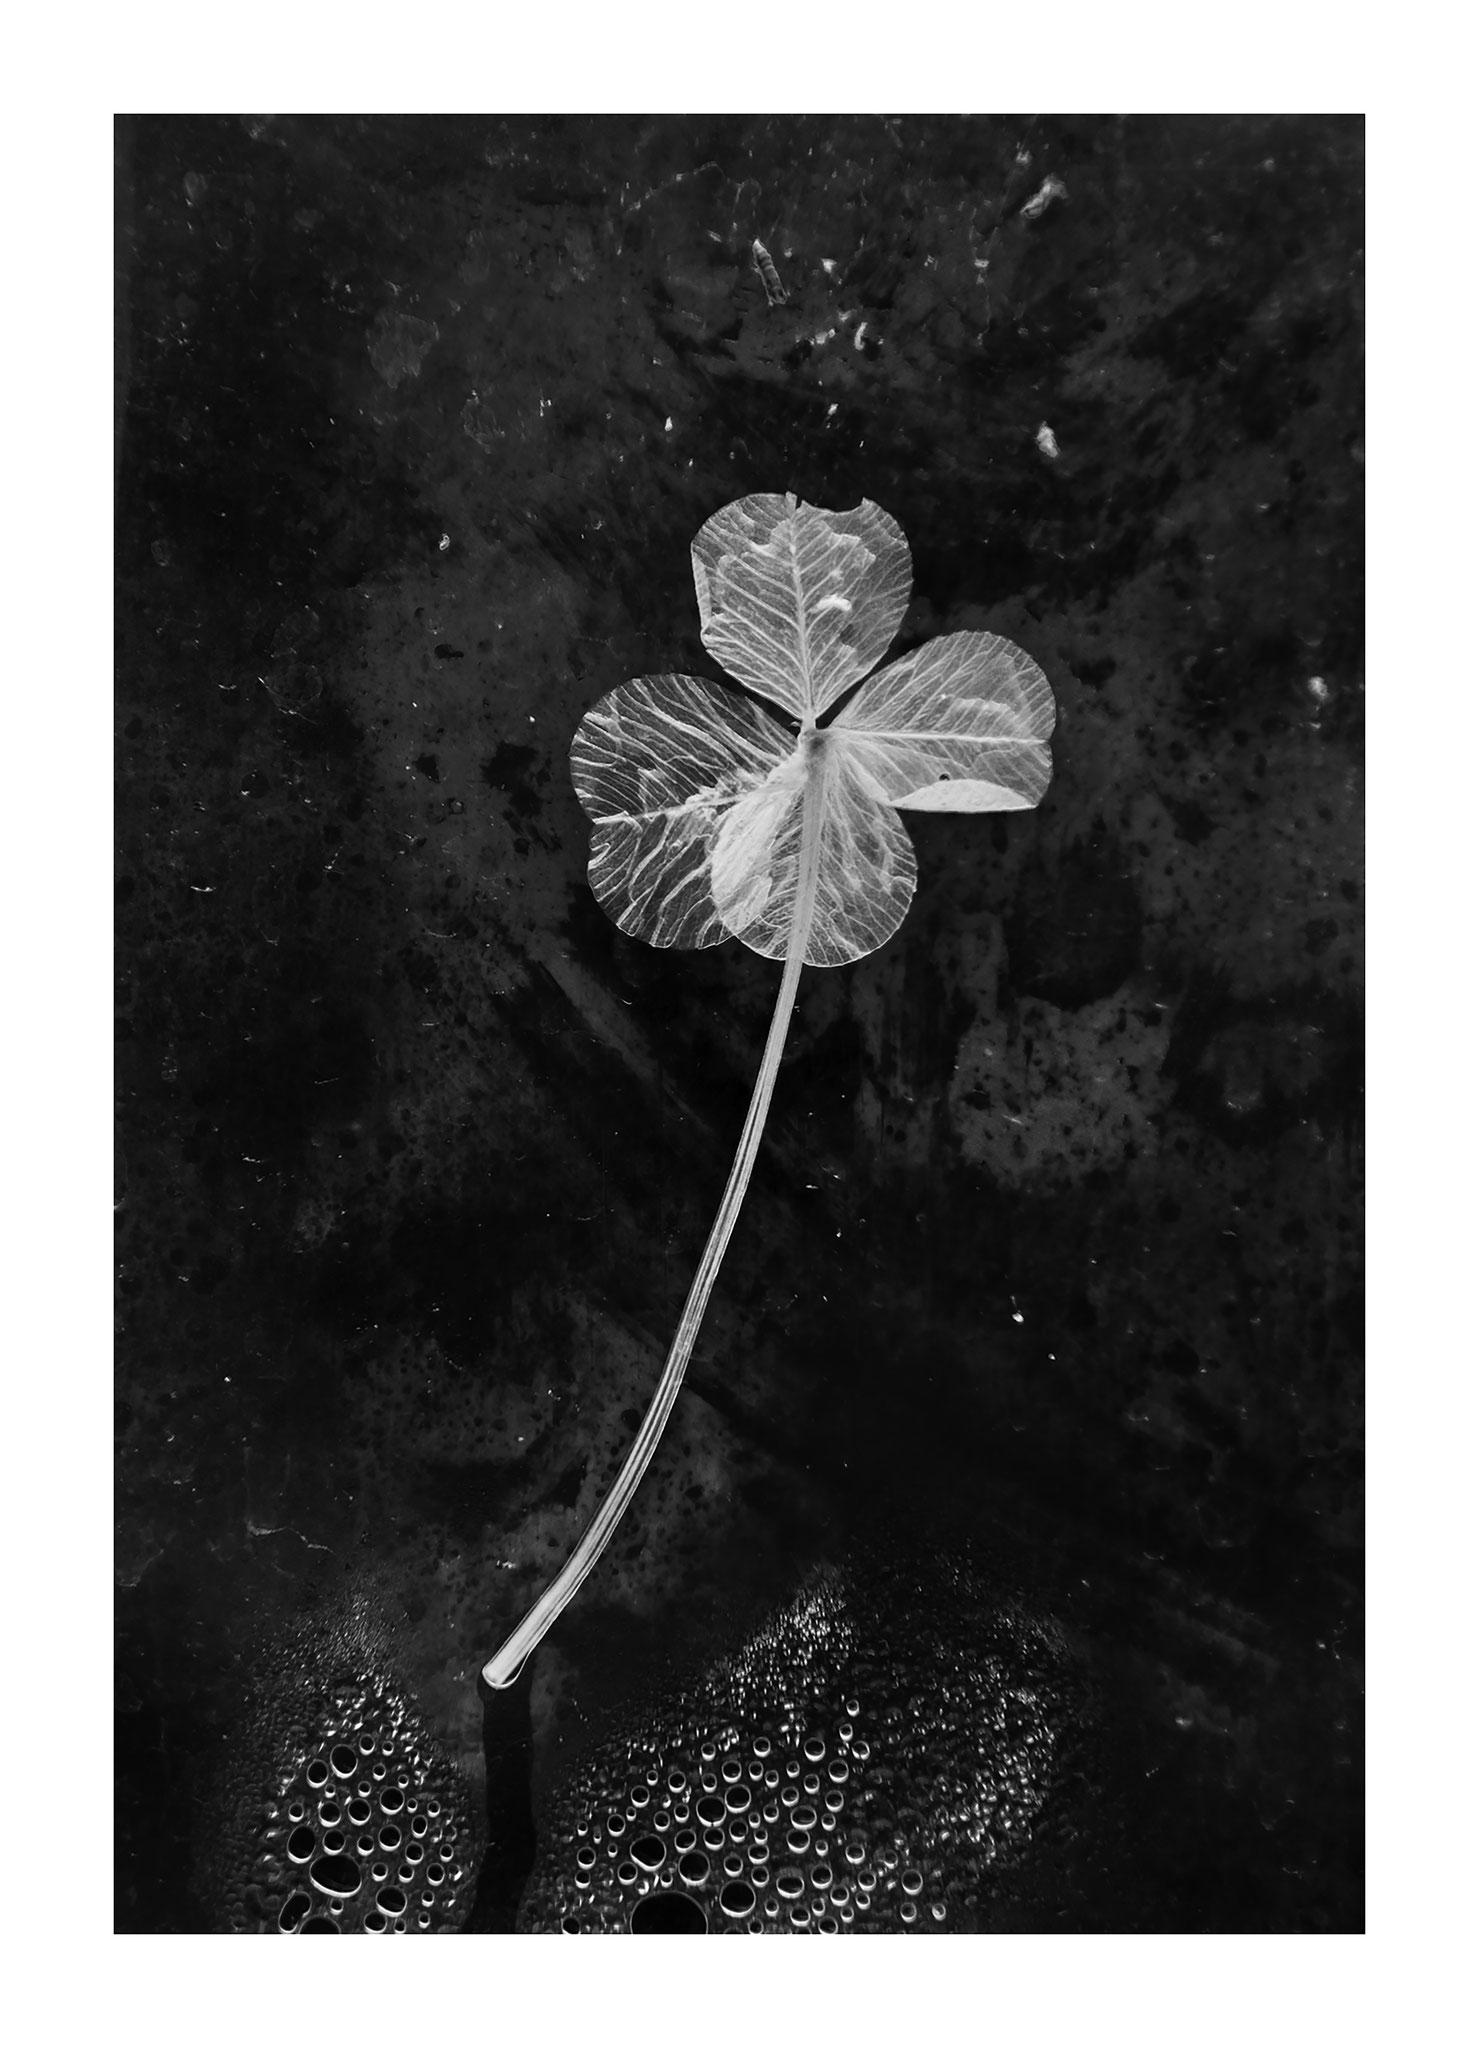 // ADOPTEE PAR JOSEPHINE // Tirage avec marge blanche (Papier 48x35 cm - Photographie 31x42 cm) - Chaumont-sur-Loire